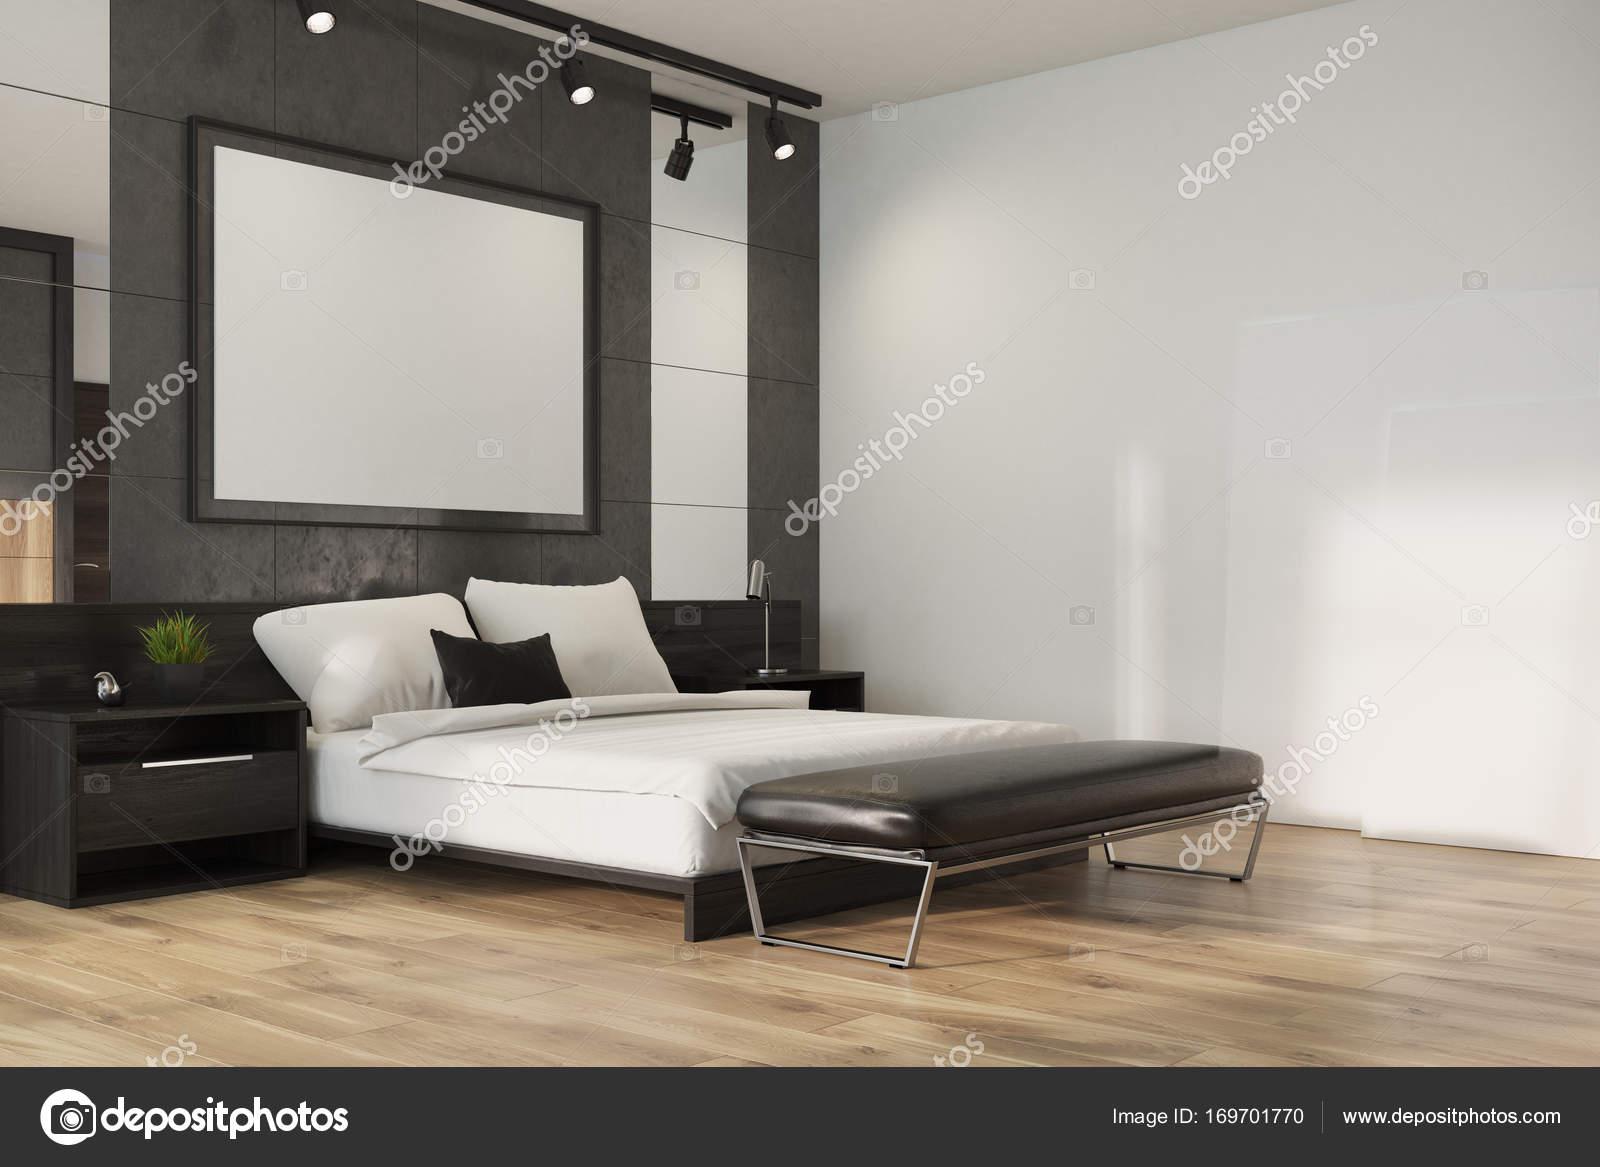 grijze loft slaapkamer poster hoek stockfoto